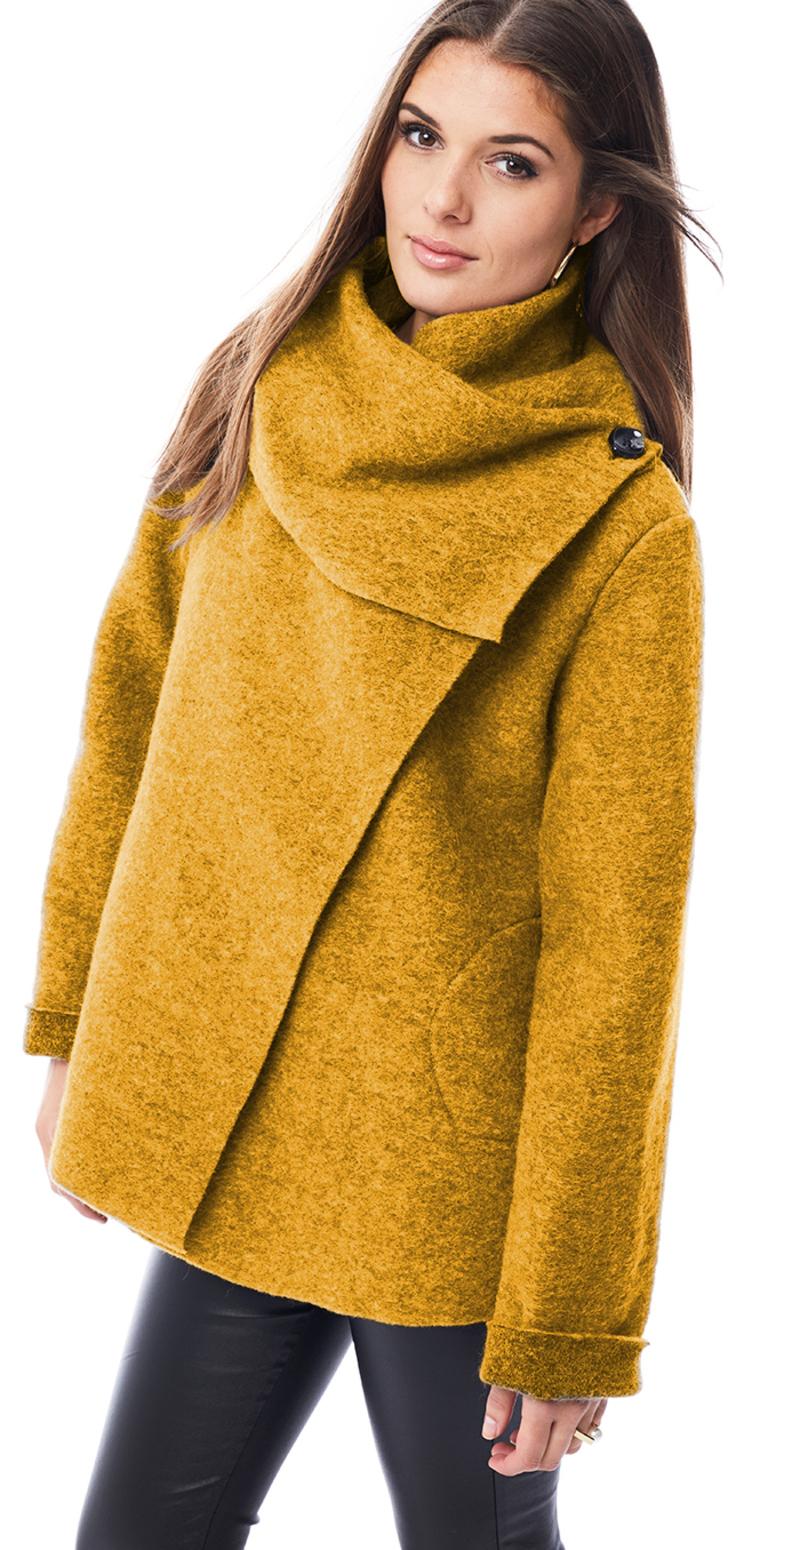 karrygul jakke